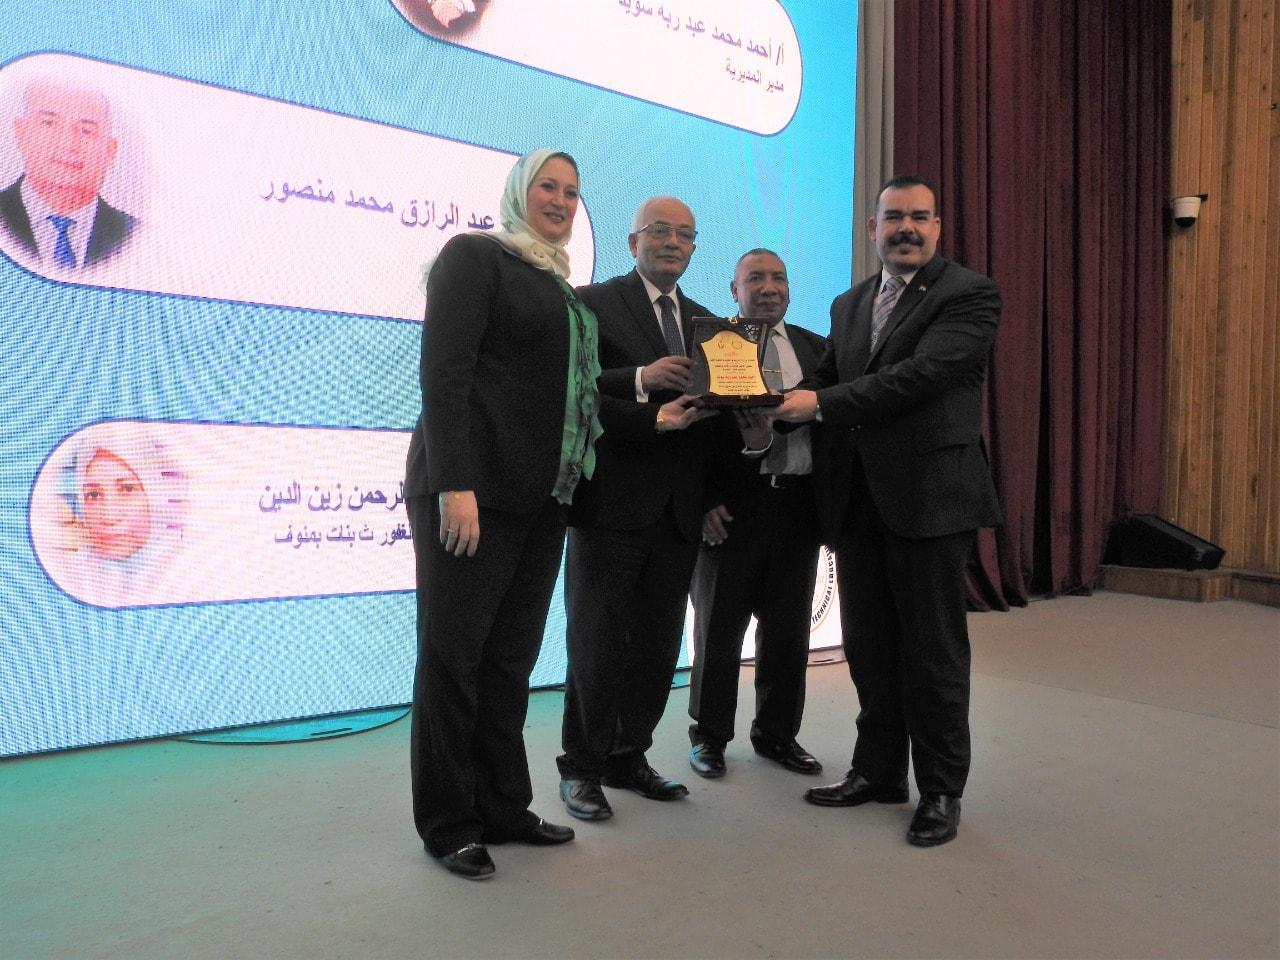 الدكتور رضا حجازى يسلم أحمد سويد درع التفوق